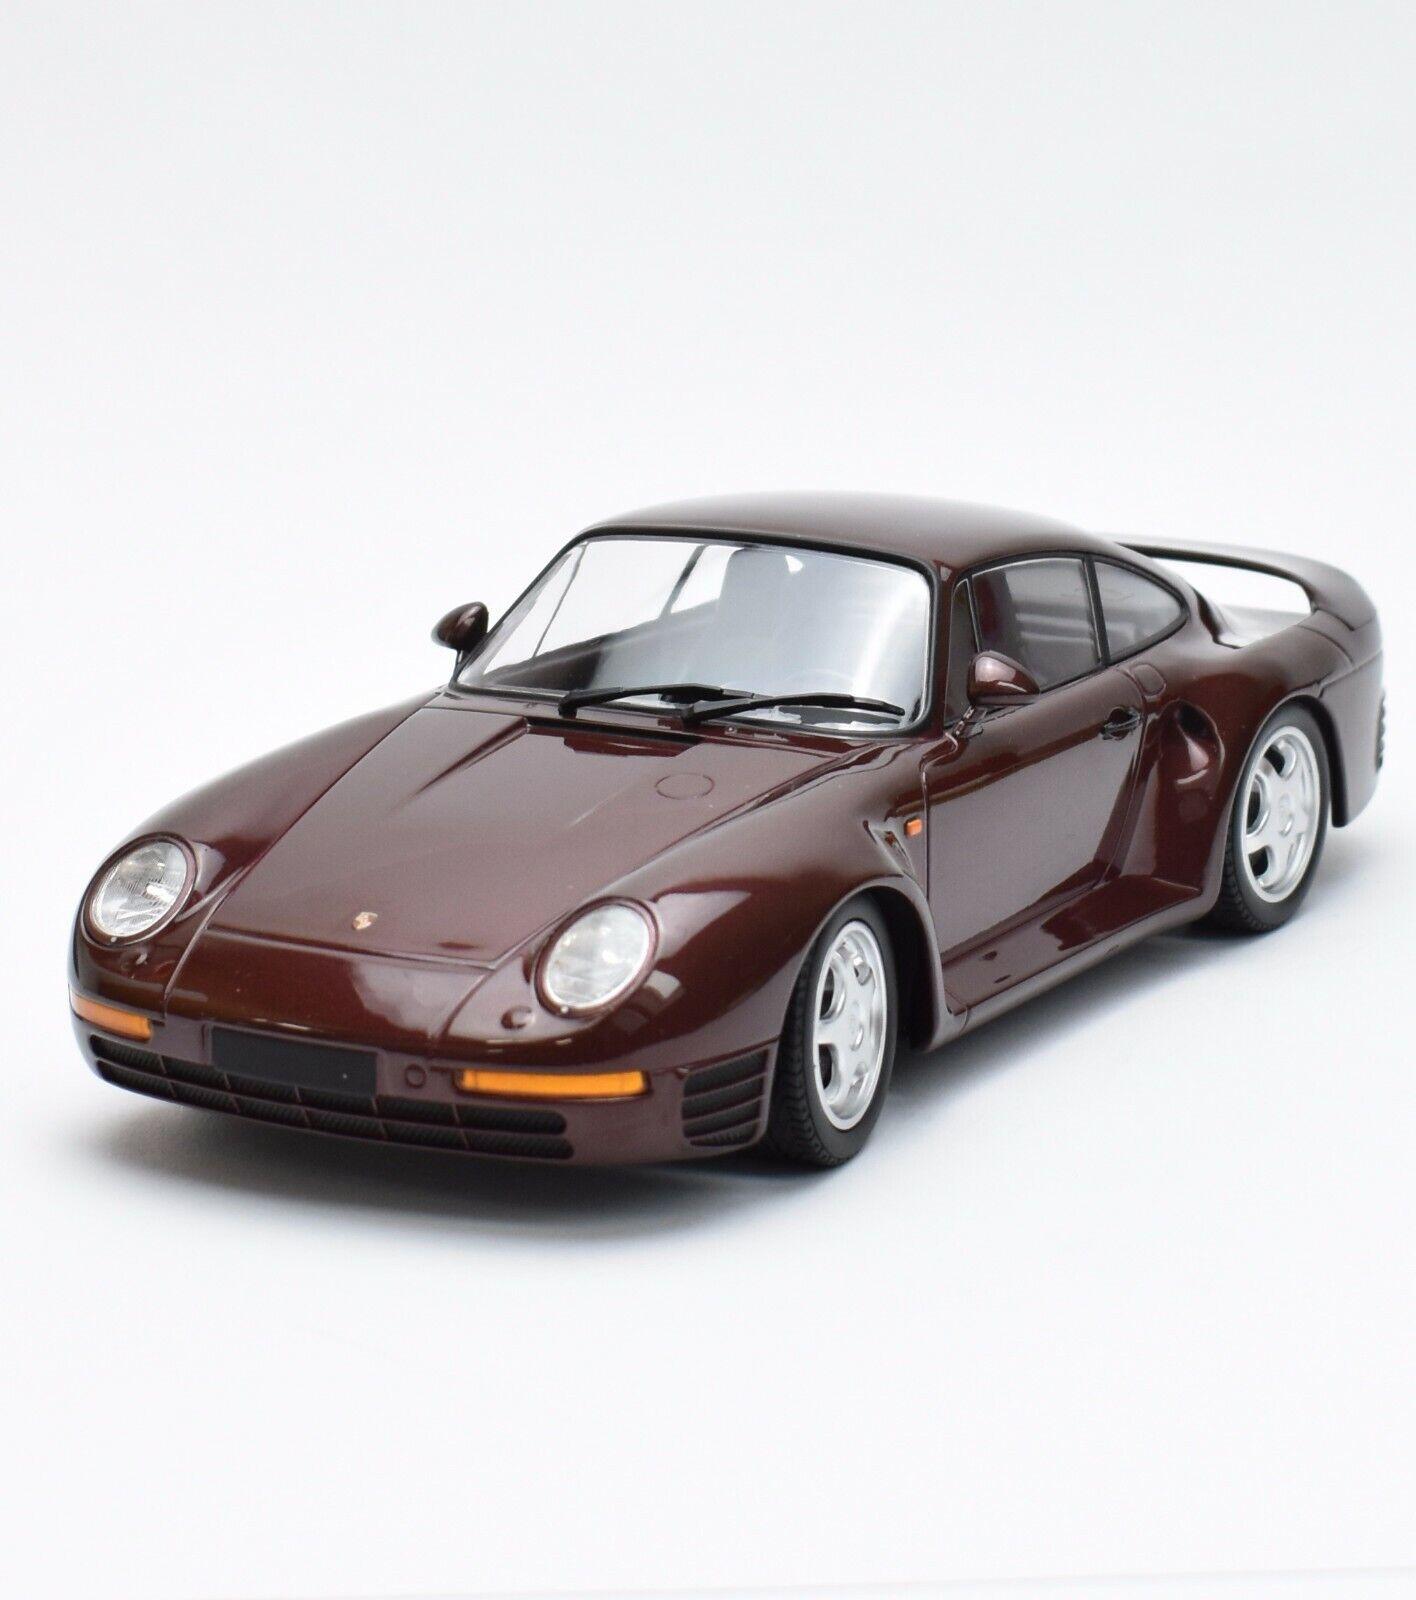 Minichamps limitado Porsche 959 (911) Deportivo año de fabricación 1987, 1 18, embalaje original, b316